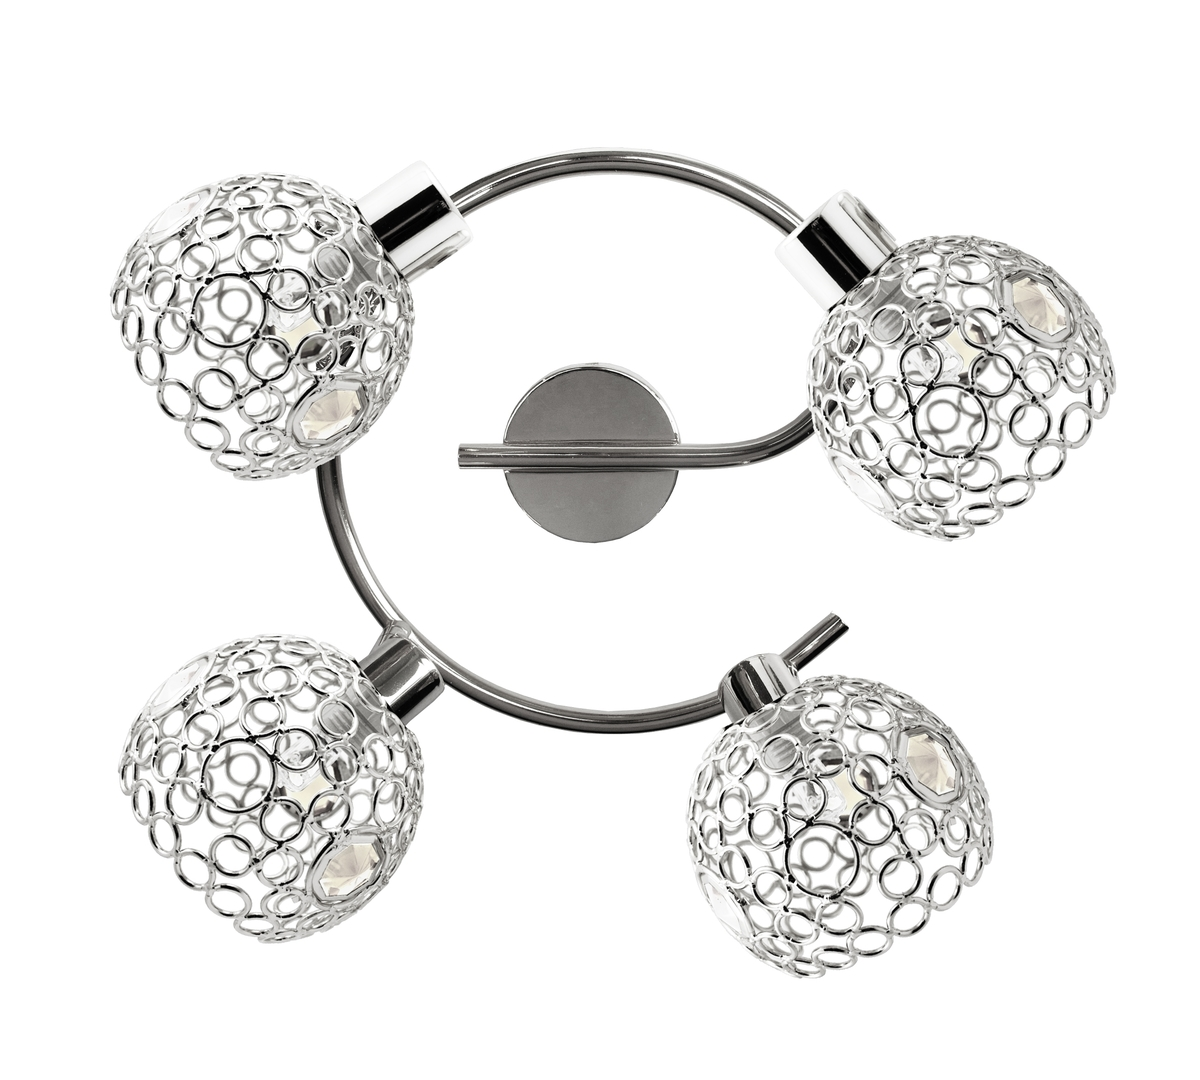 Lampa Aron Spirala 4X40W G9 Chrom Kryształ Transparent